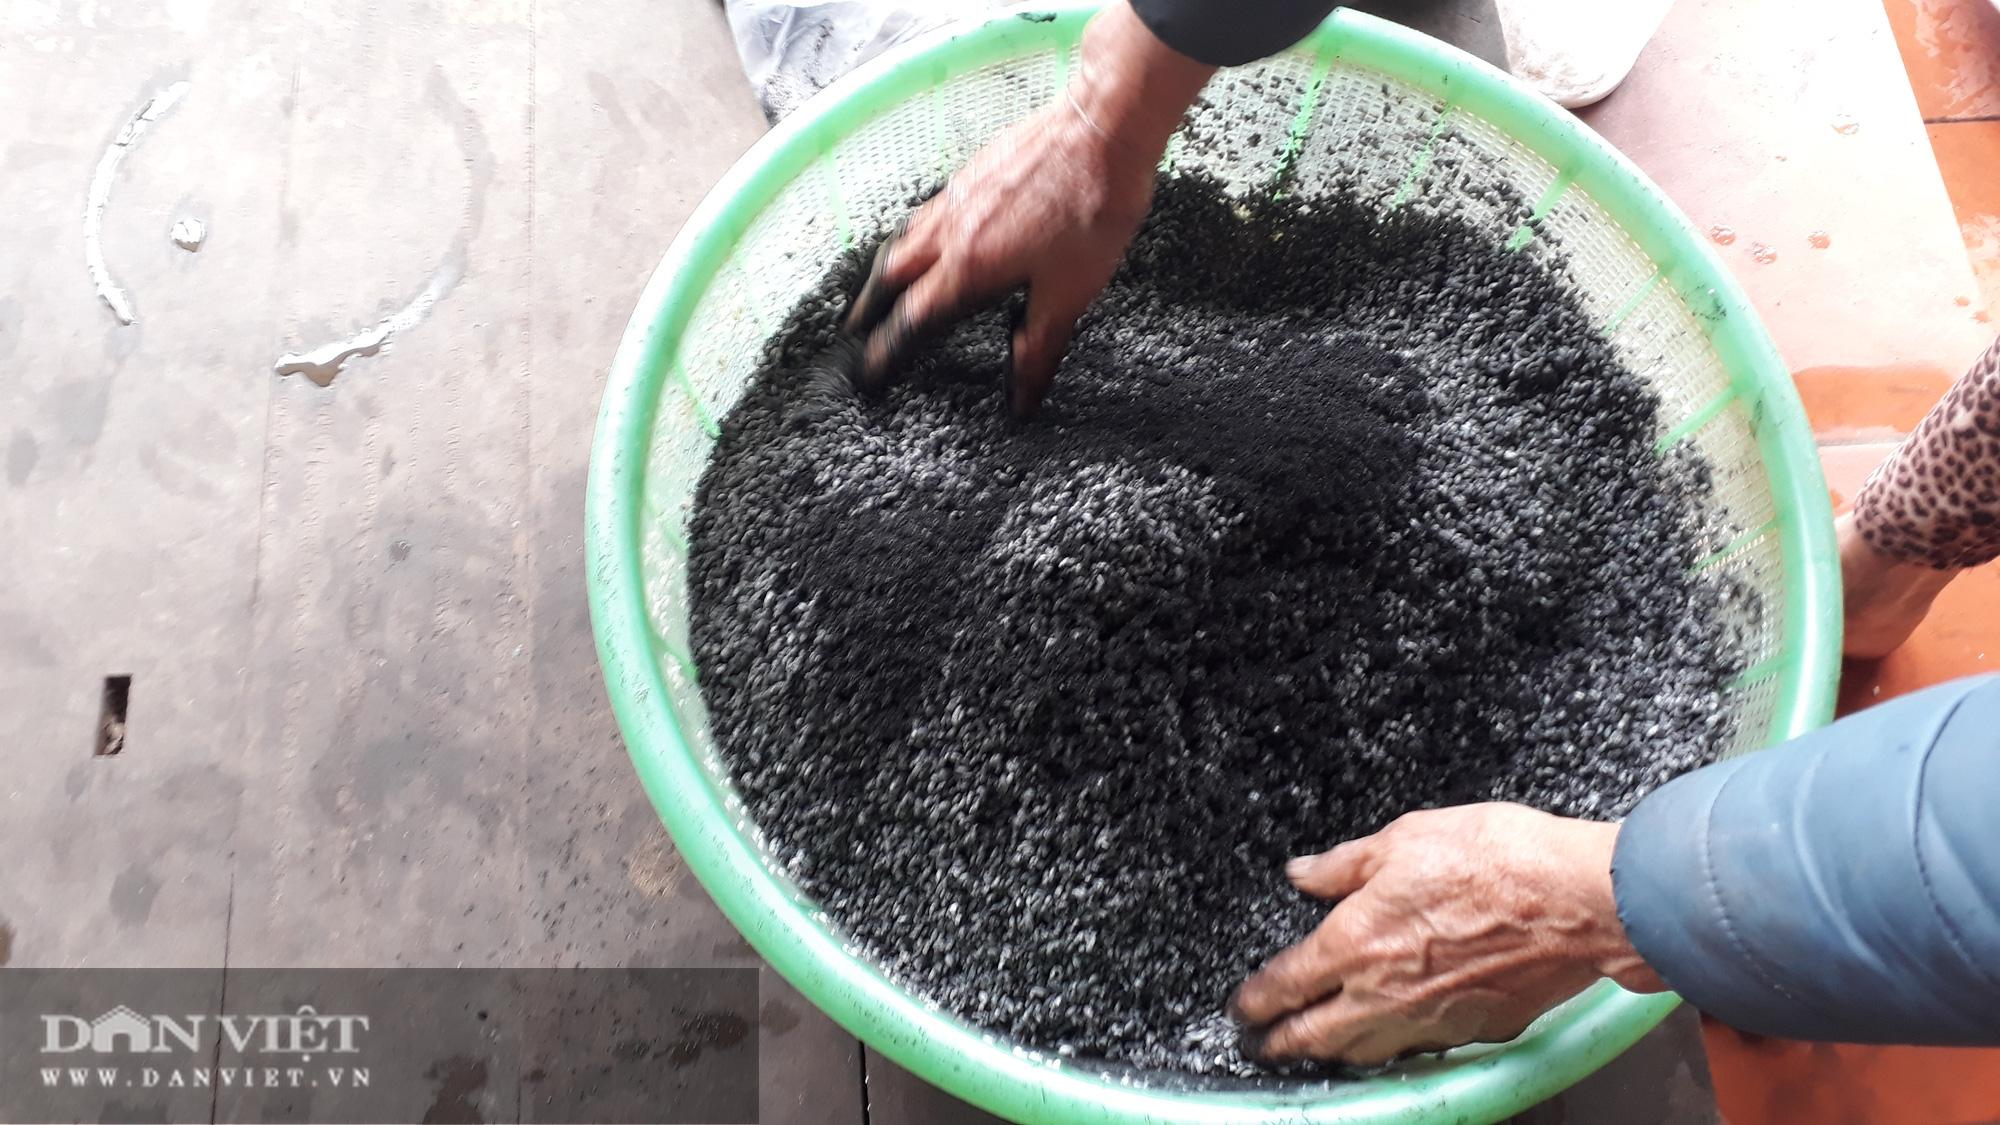 Độc đáo chiếc bánh chưng đen trong Tết cổ truyền của người Tày Văn Chấn Yên Bái - Ảnh 2.